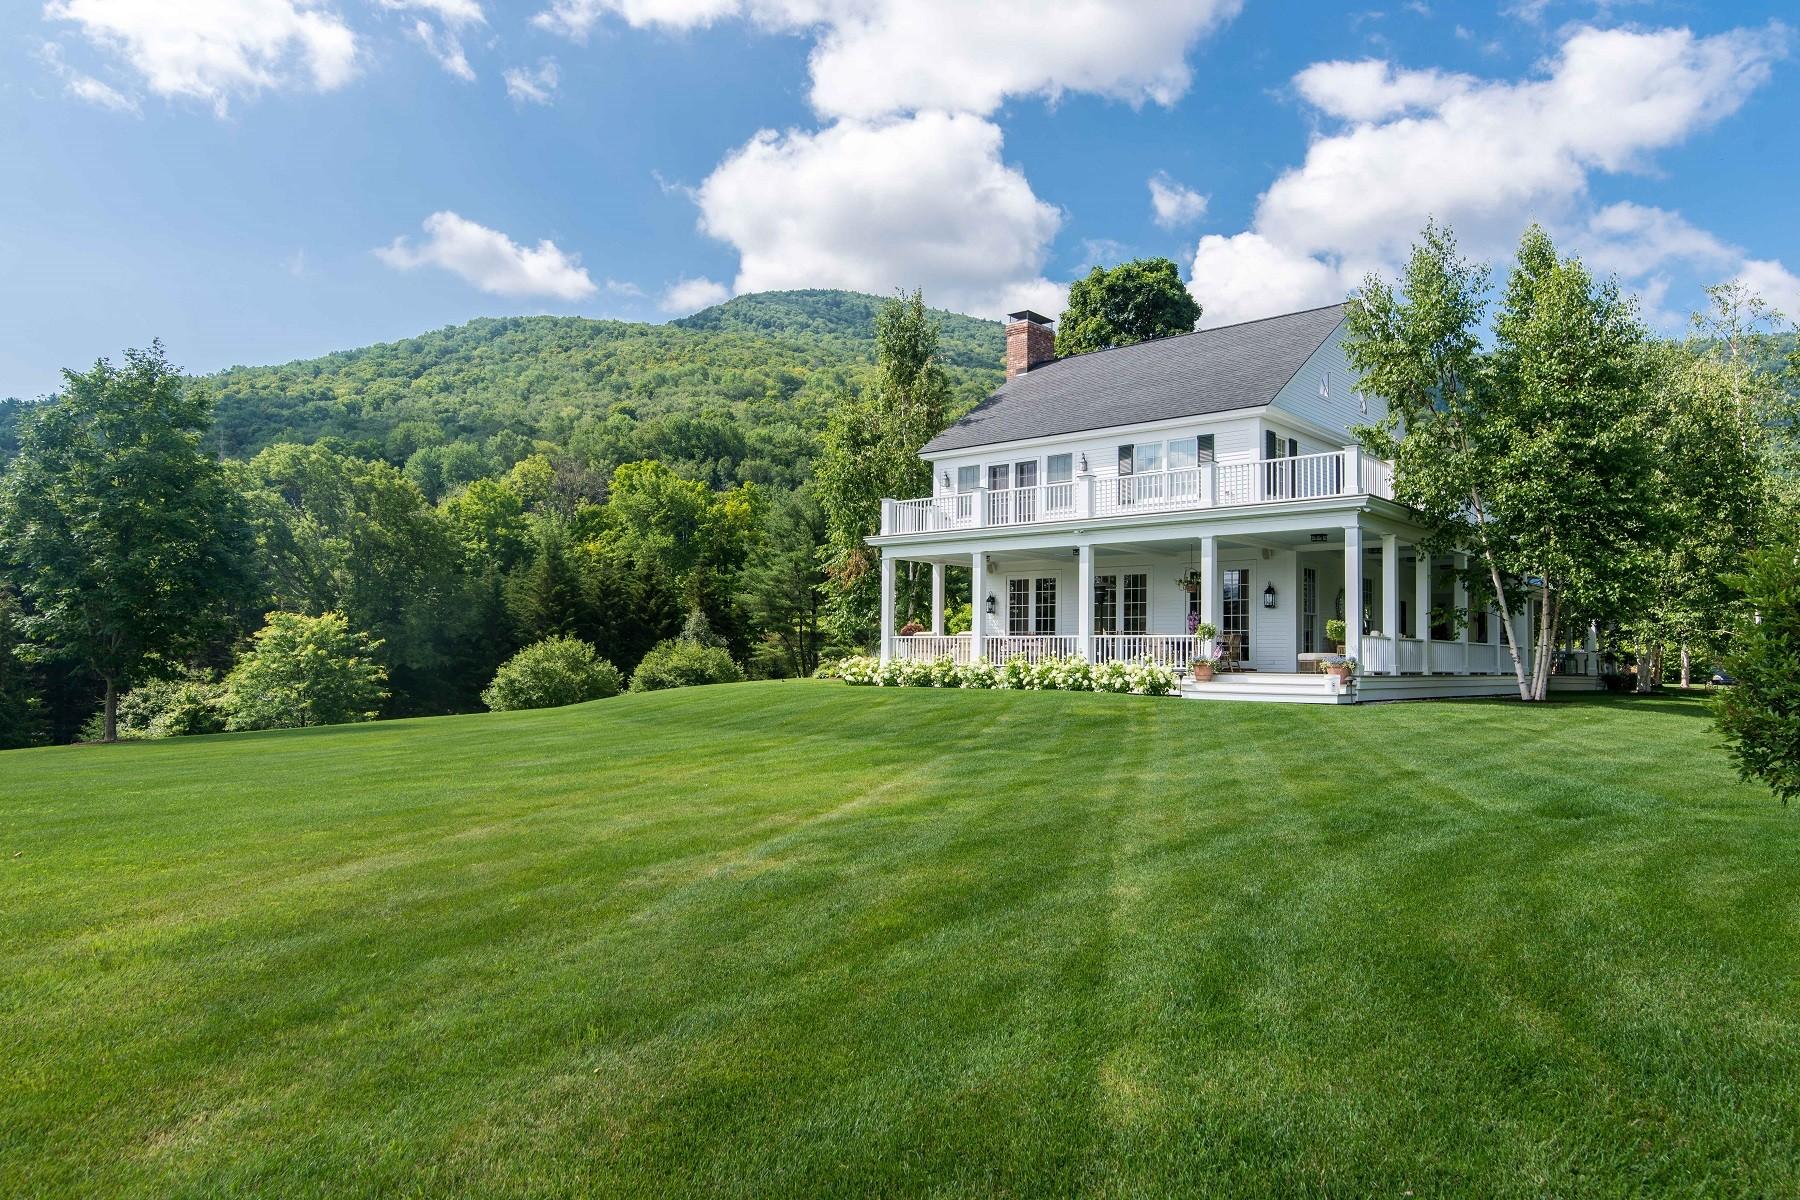 Casa Unifamiliar por un Venta en High View 1150 114 Nichols Hill Rd Dorset, Vermont 05251 Estados Unidos